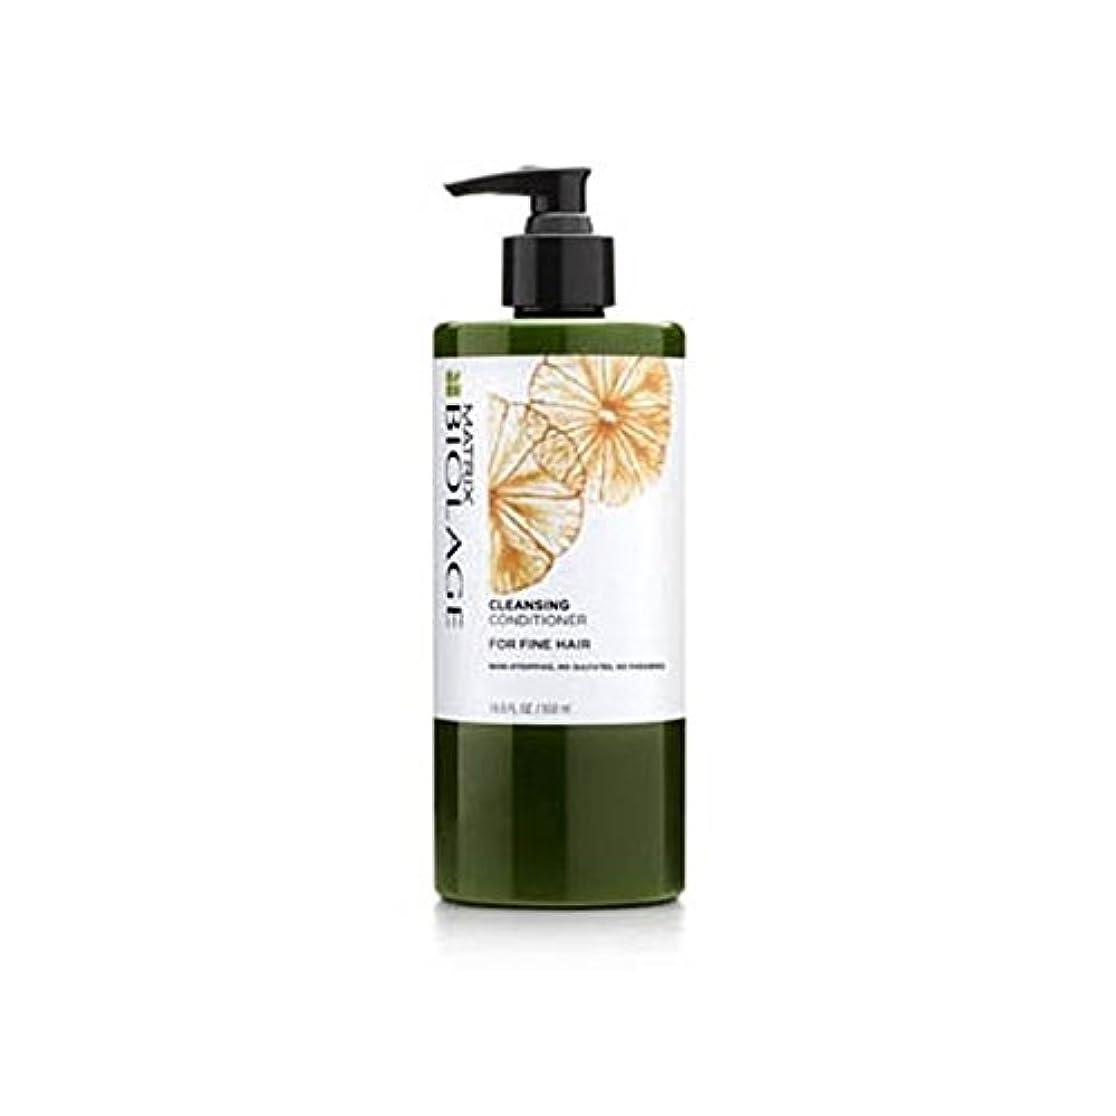 量微弱Matrix Biolage Cleansing Conditioner - Fine Hair (500ml) (Pack of 6) - マトリックスバイオレイジクレンジングコンディショナー - 細い髪(500ミリリットル...